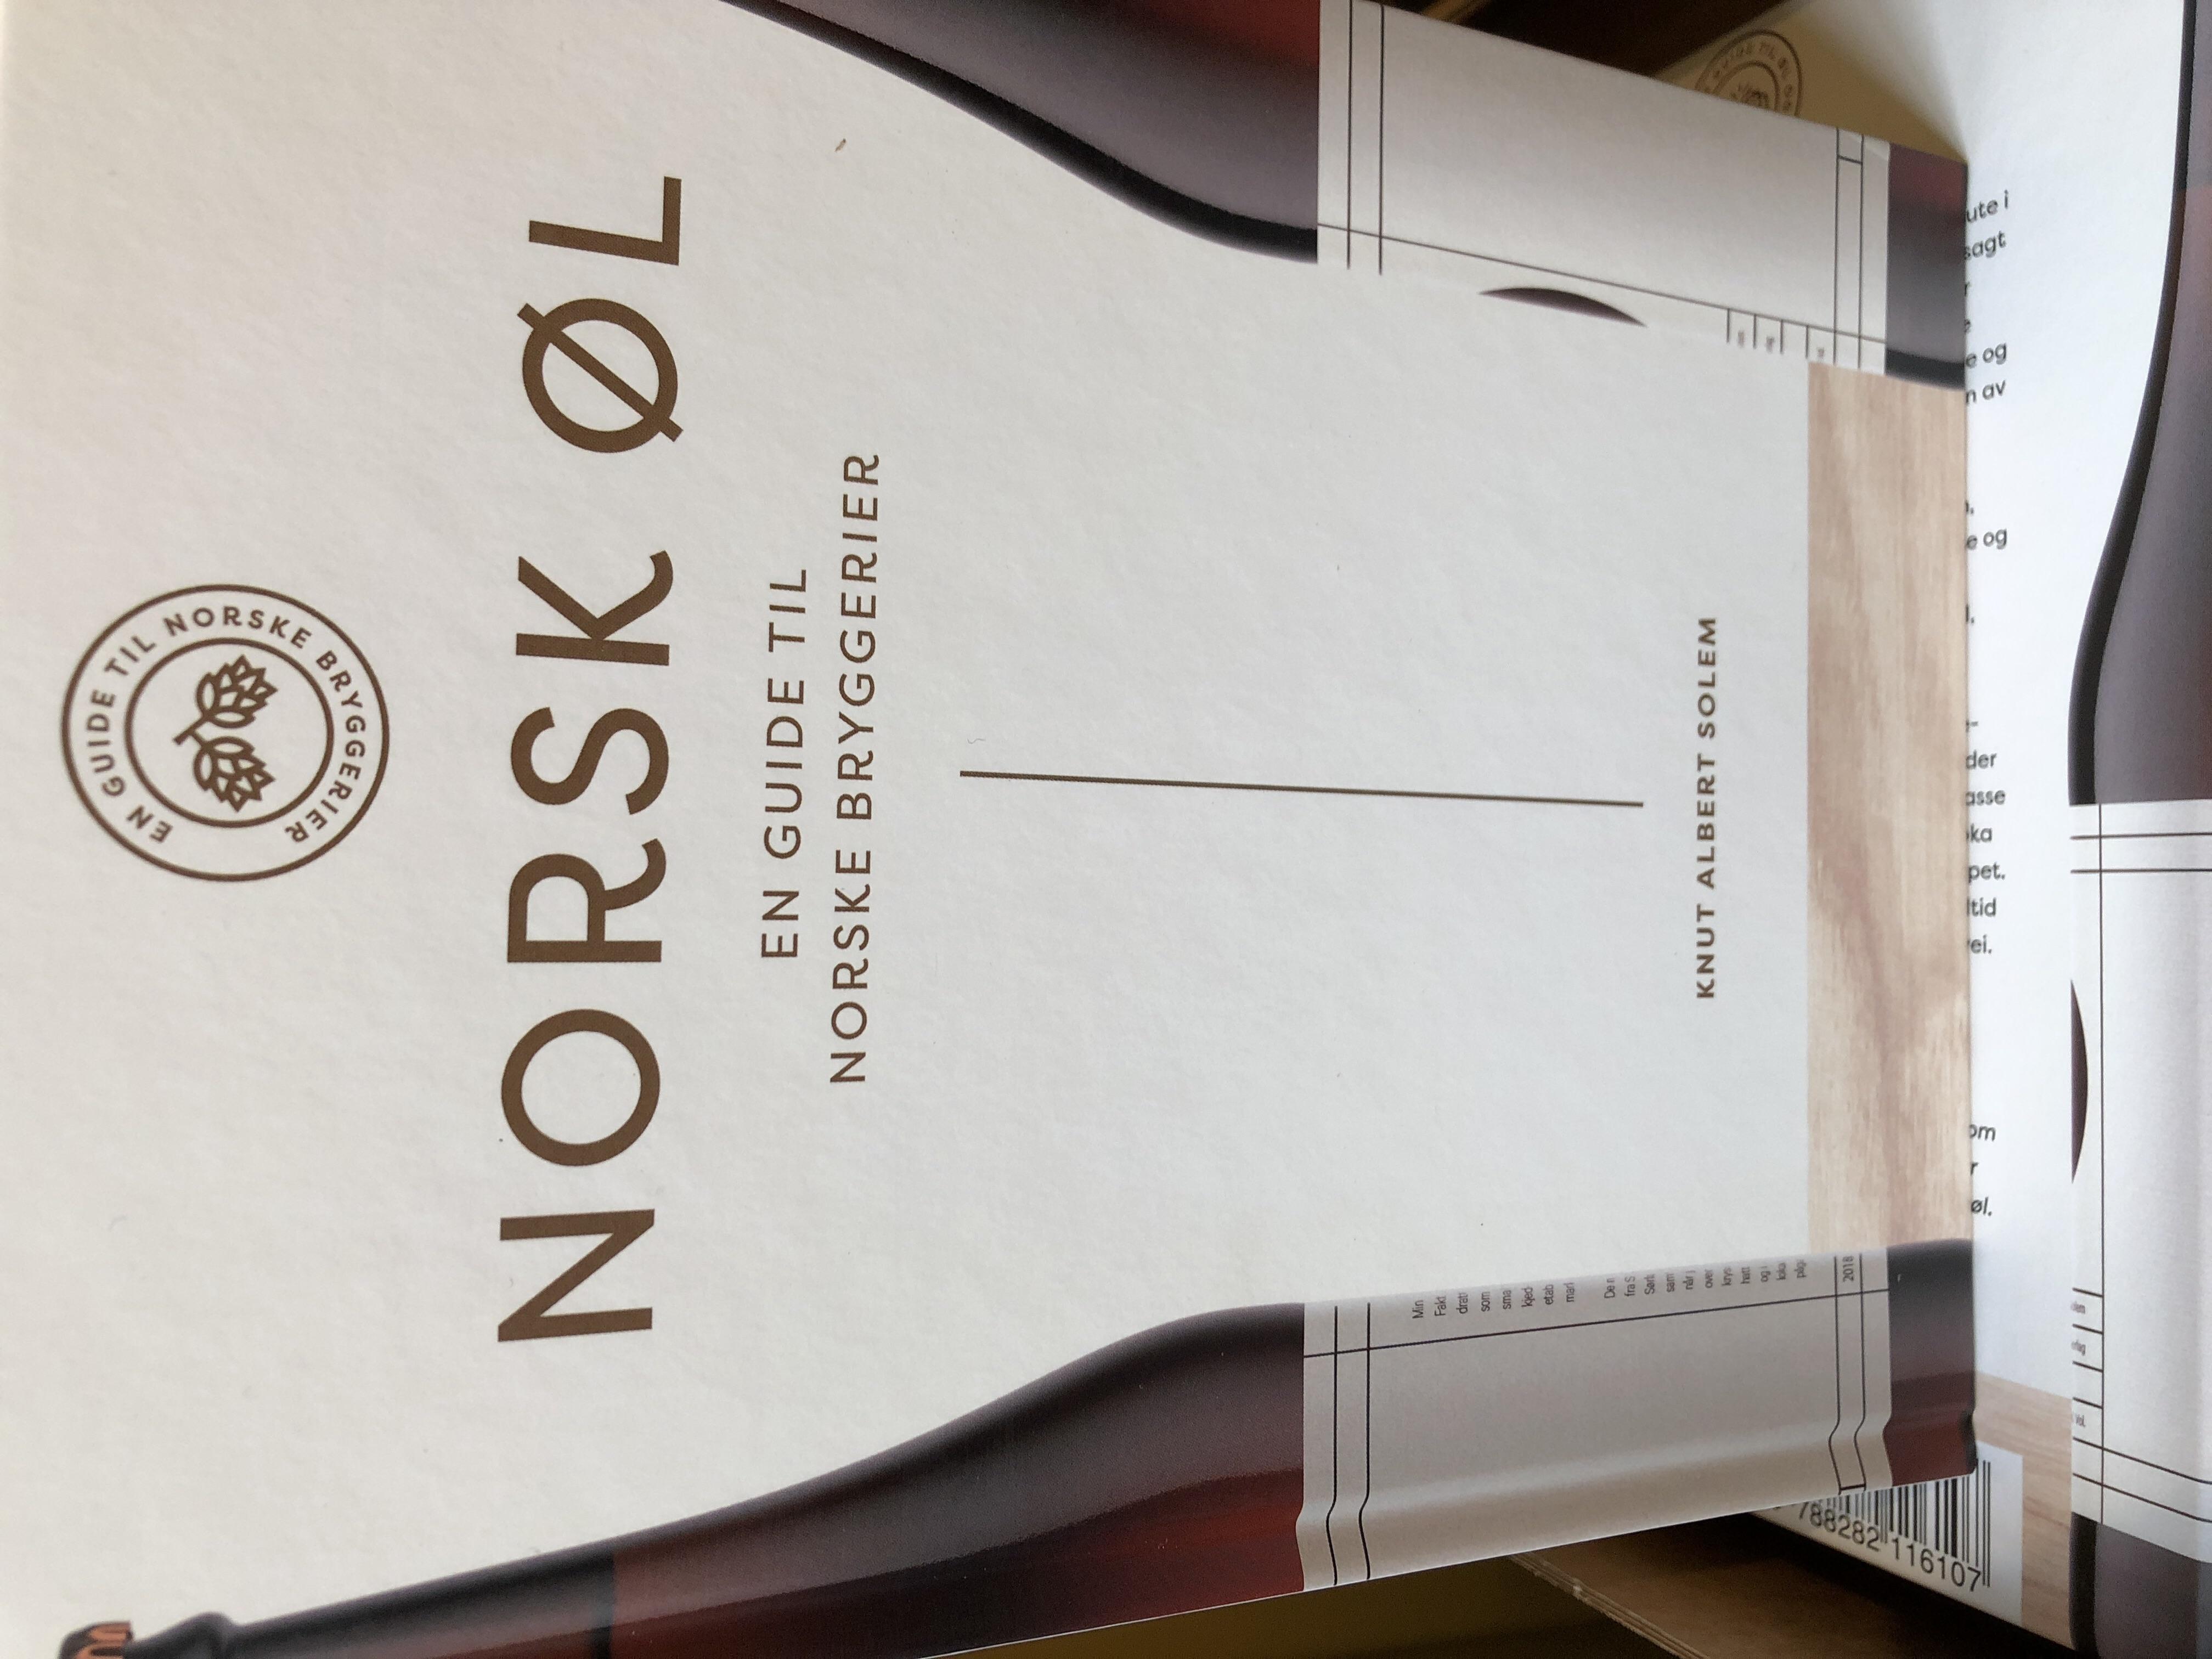 Norsk øl, en guide til norske bryggerier